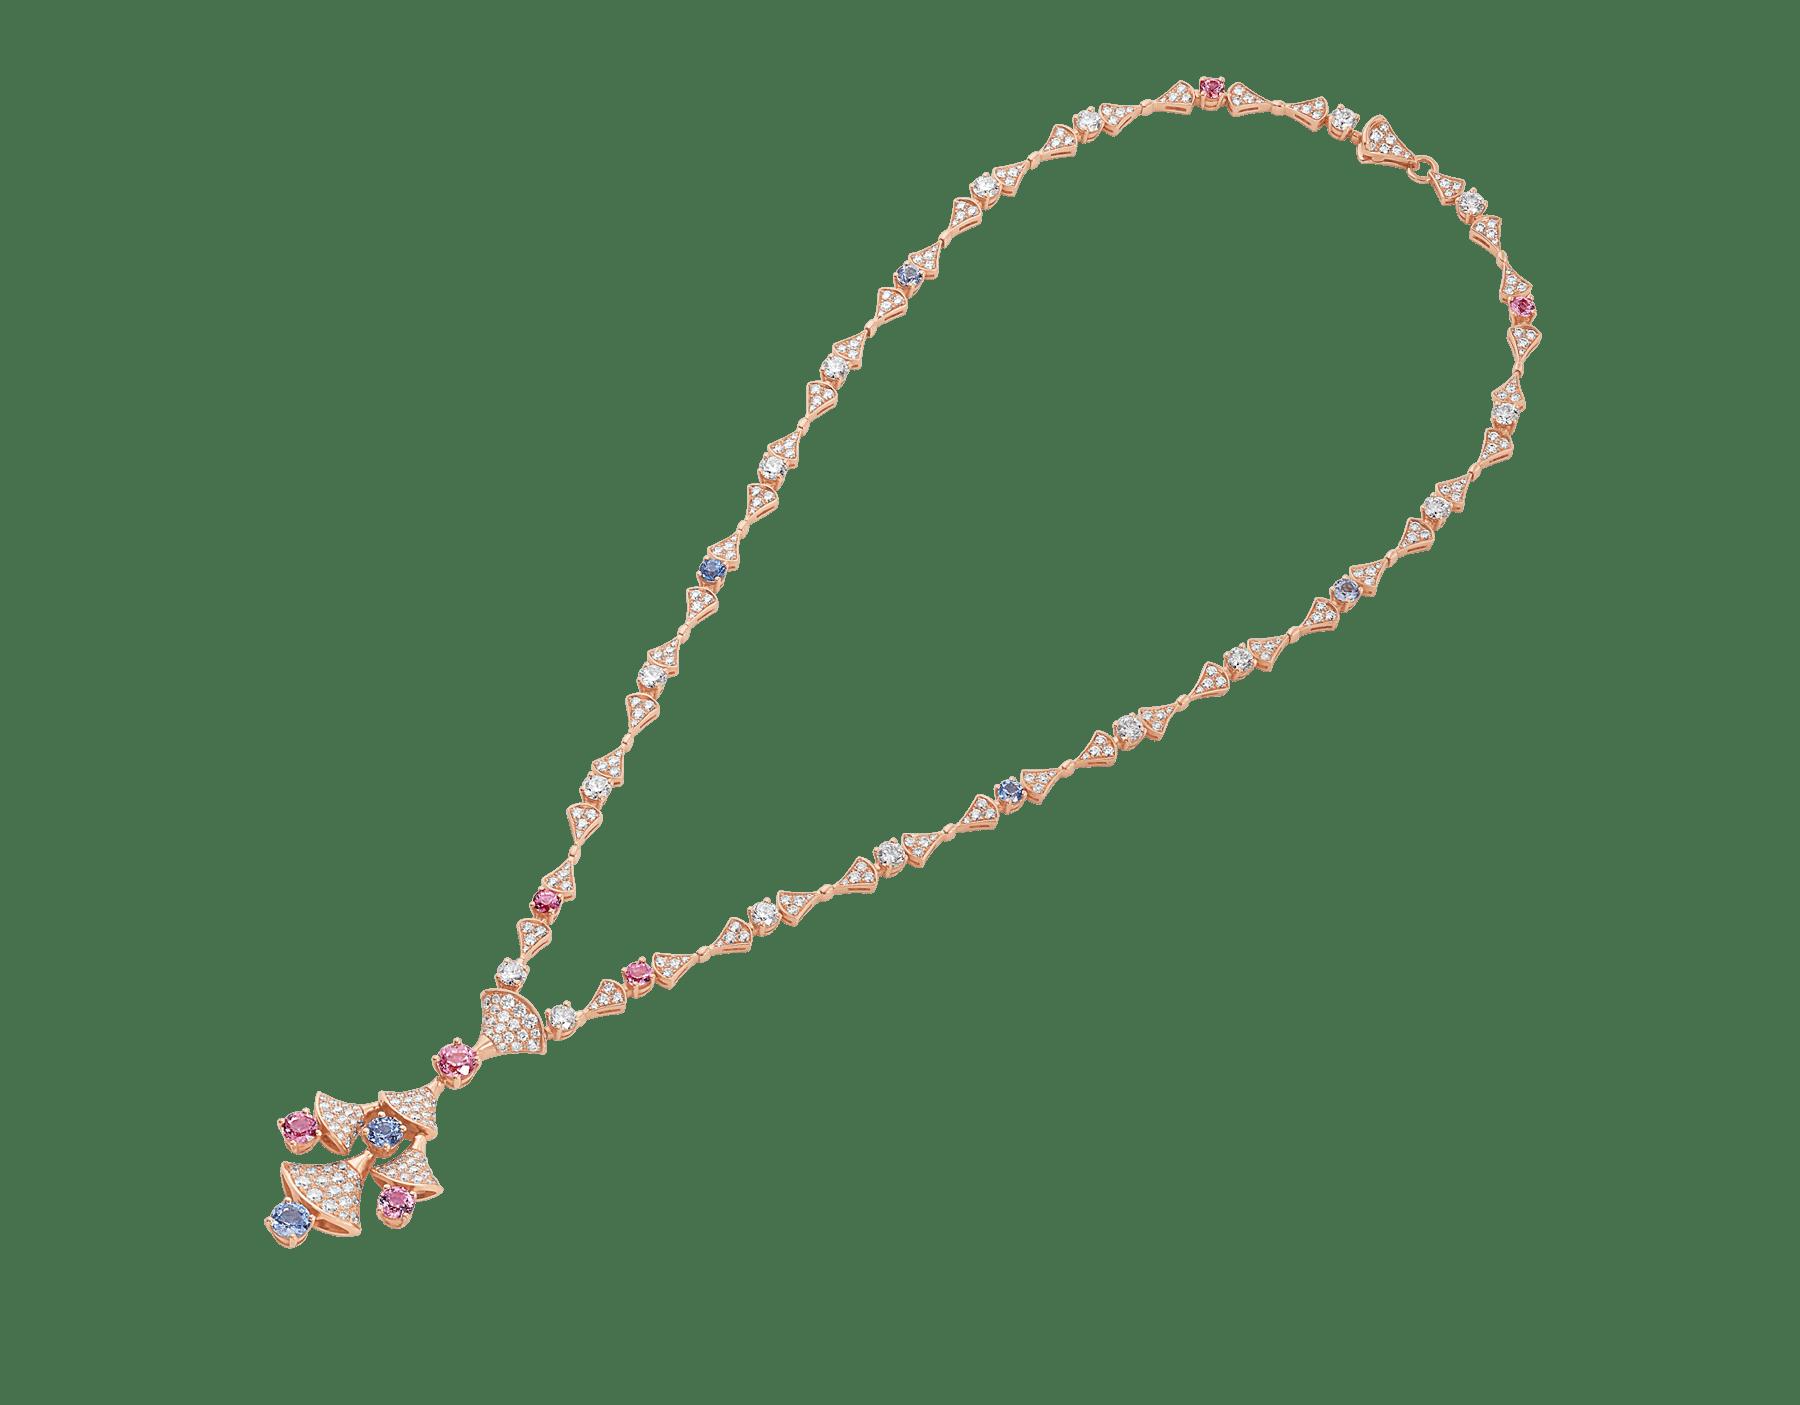 DIVAS' DREAM 18 kt rose gold necklace set with round brilliant-cut diamonds (3.06 ct), brilliant-cut spinels (4.04 ct) and pavé diamonds (3.63 ct) 357942 image 2